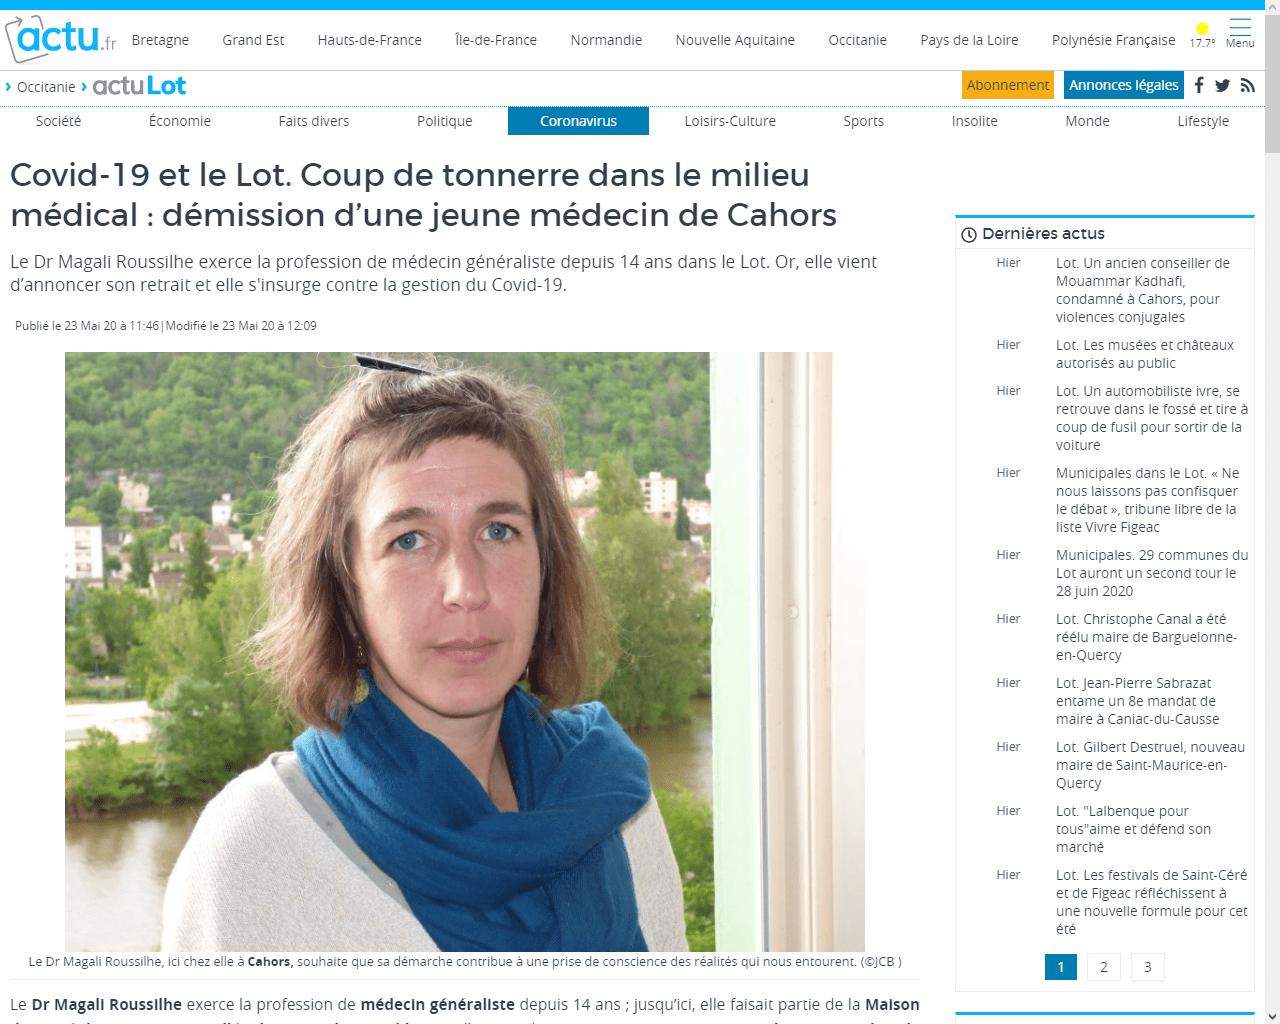 https://actu.fr/occitanie/cahors_46042/covid-19-coup-tonnerre-dans-milieu-medical-dr-magali-roussilhe-demissionne-explique-pourquoi_33767888.html